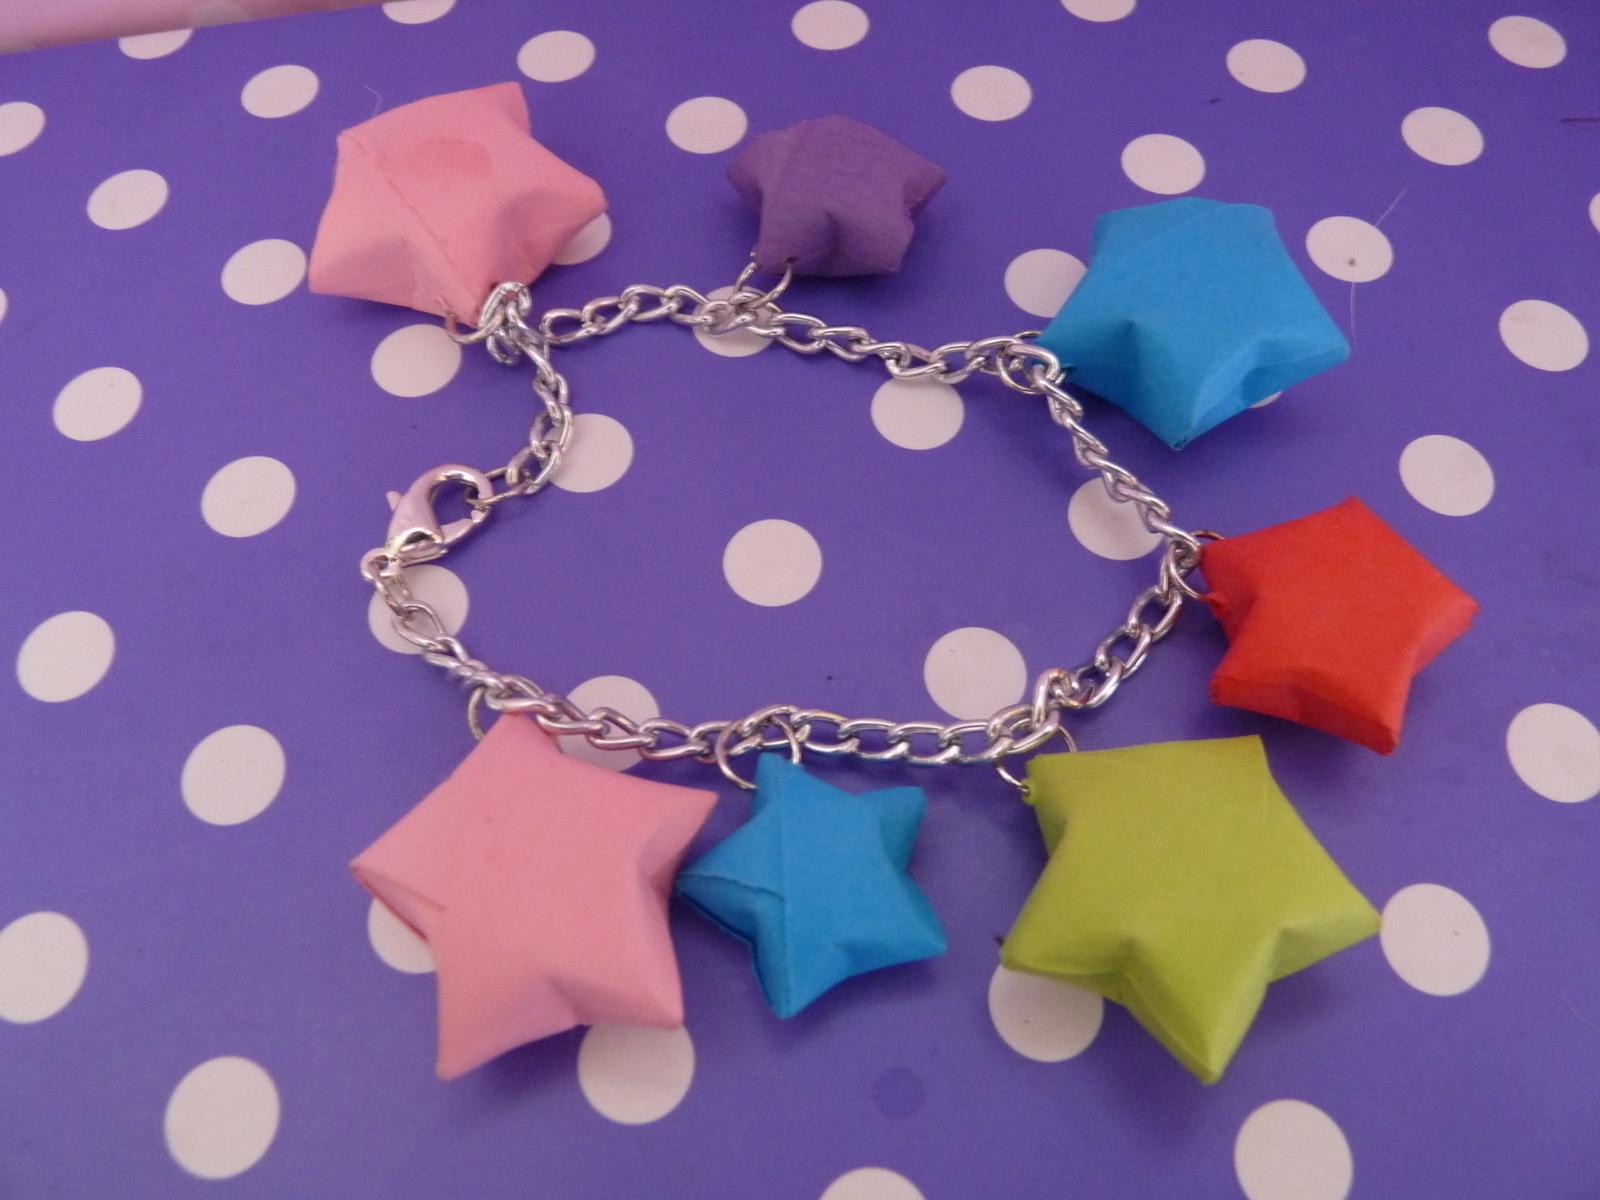 Lucky Star Bracelets · A Paper Bracelet · Jewelry Making ... - photo#50